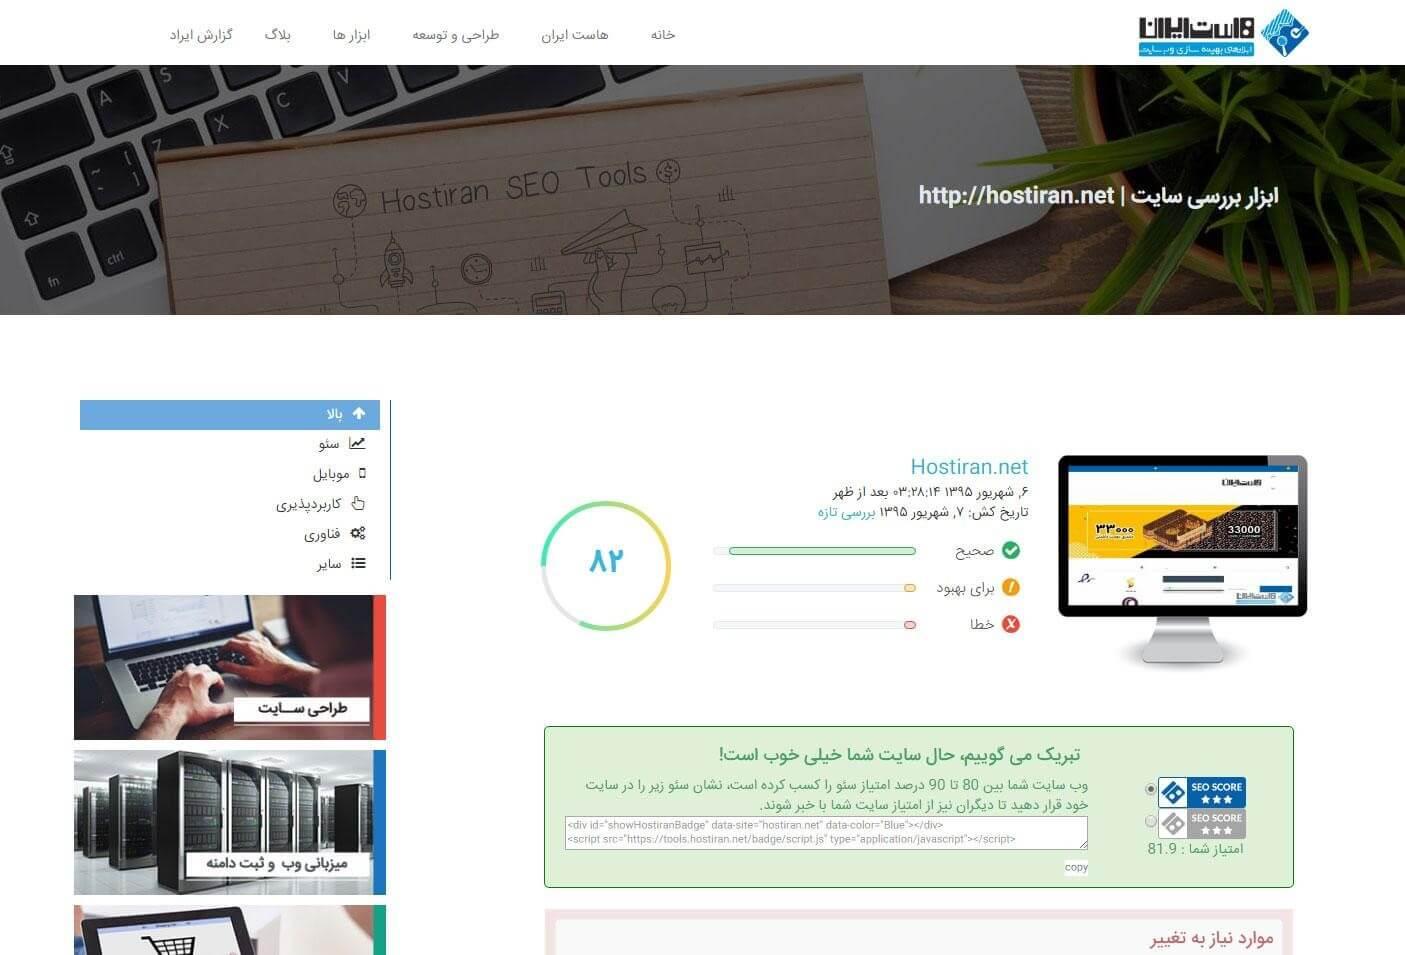 استفاده از ابزار بهینه سازی وب هاست ایران